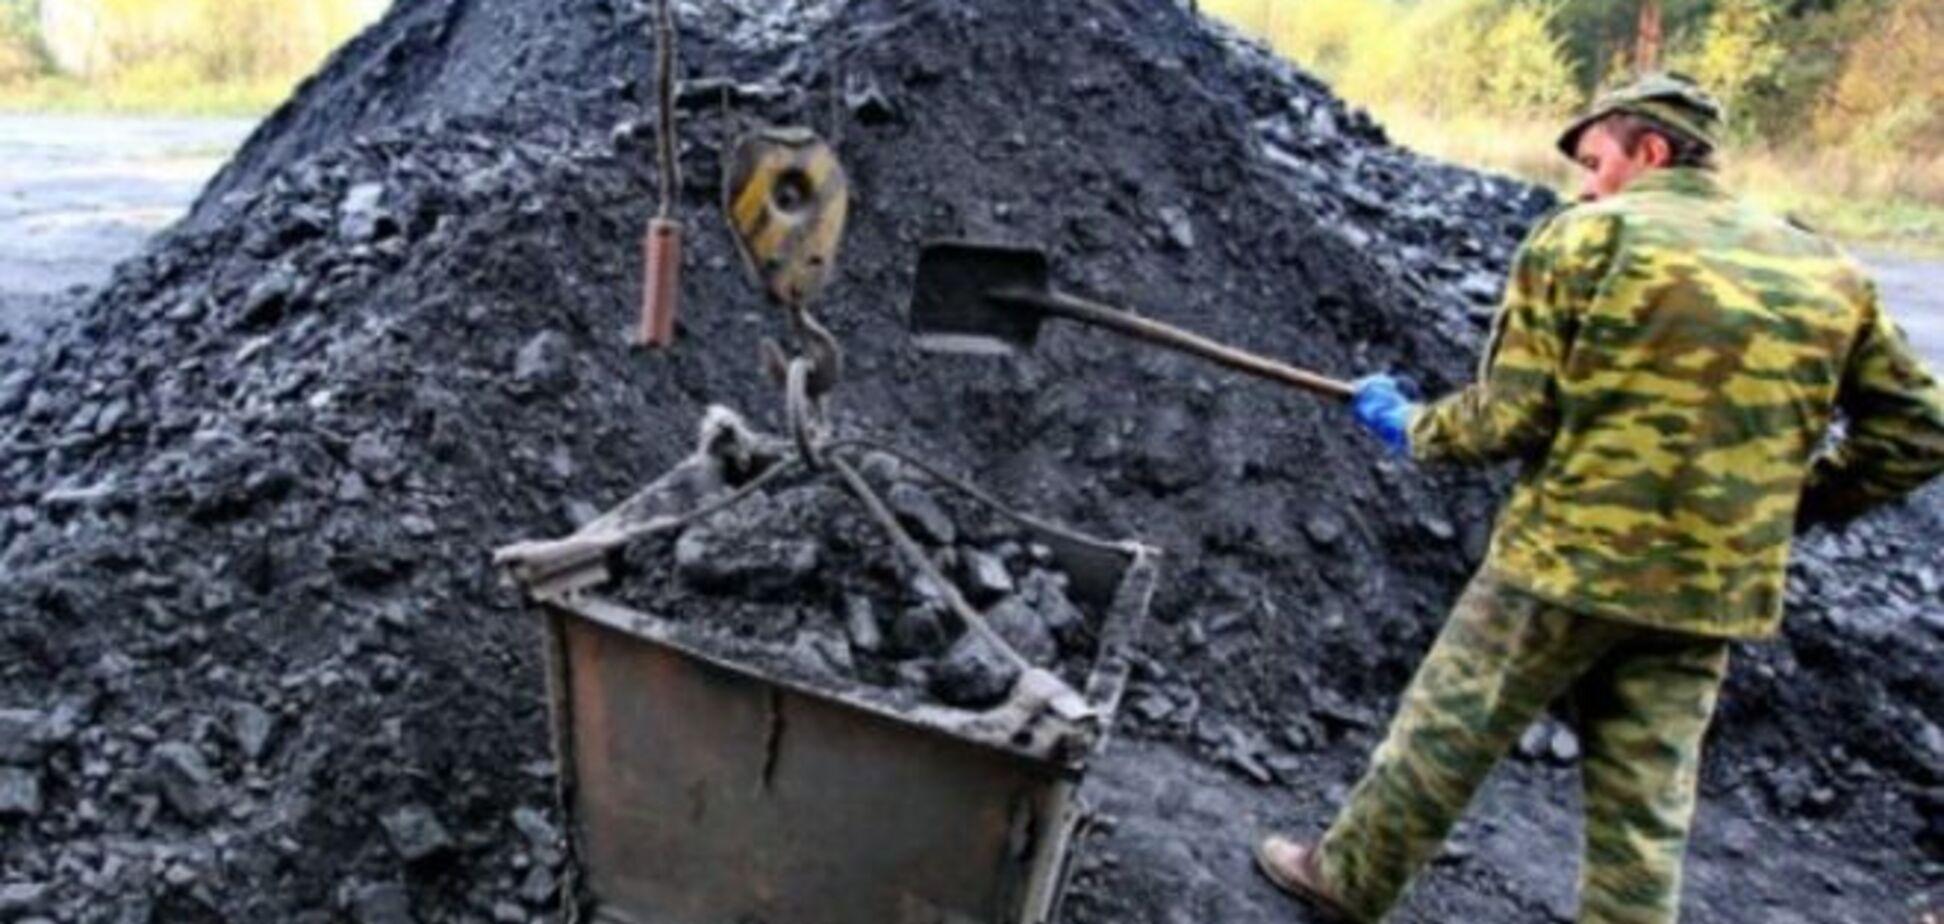 Как террористы заработали на экспорте украинского угля около 450 млн грн: СБУ раскрыла схему